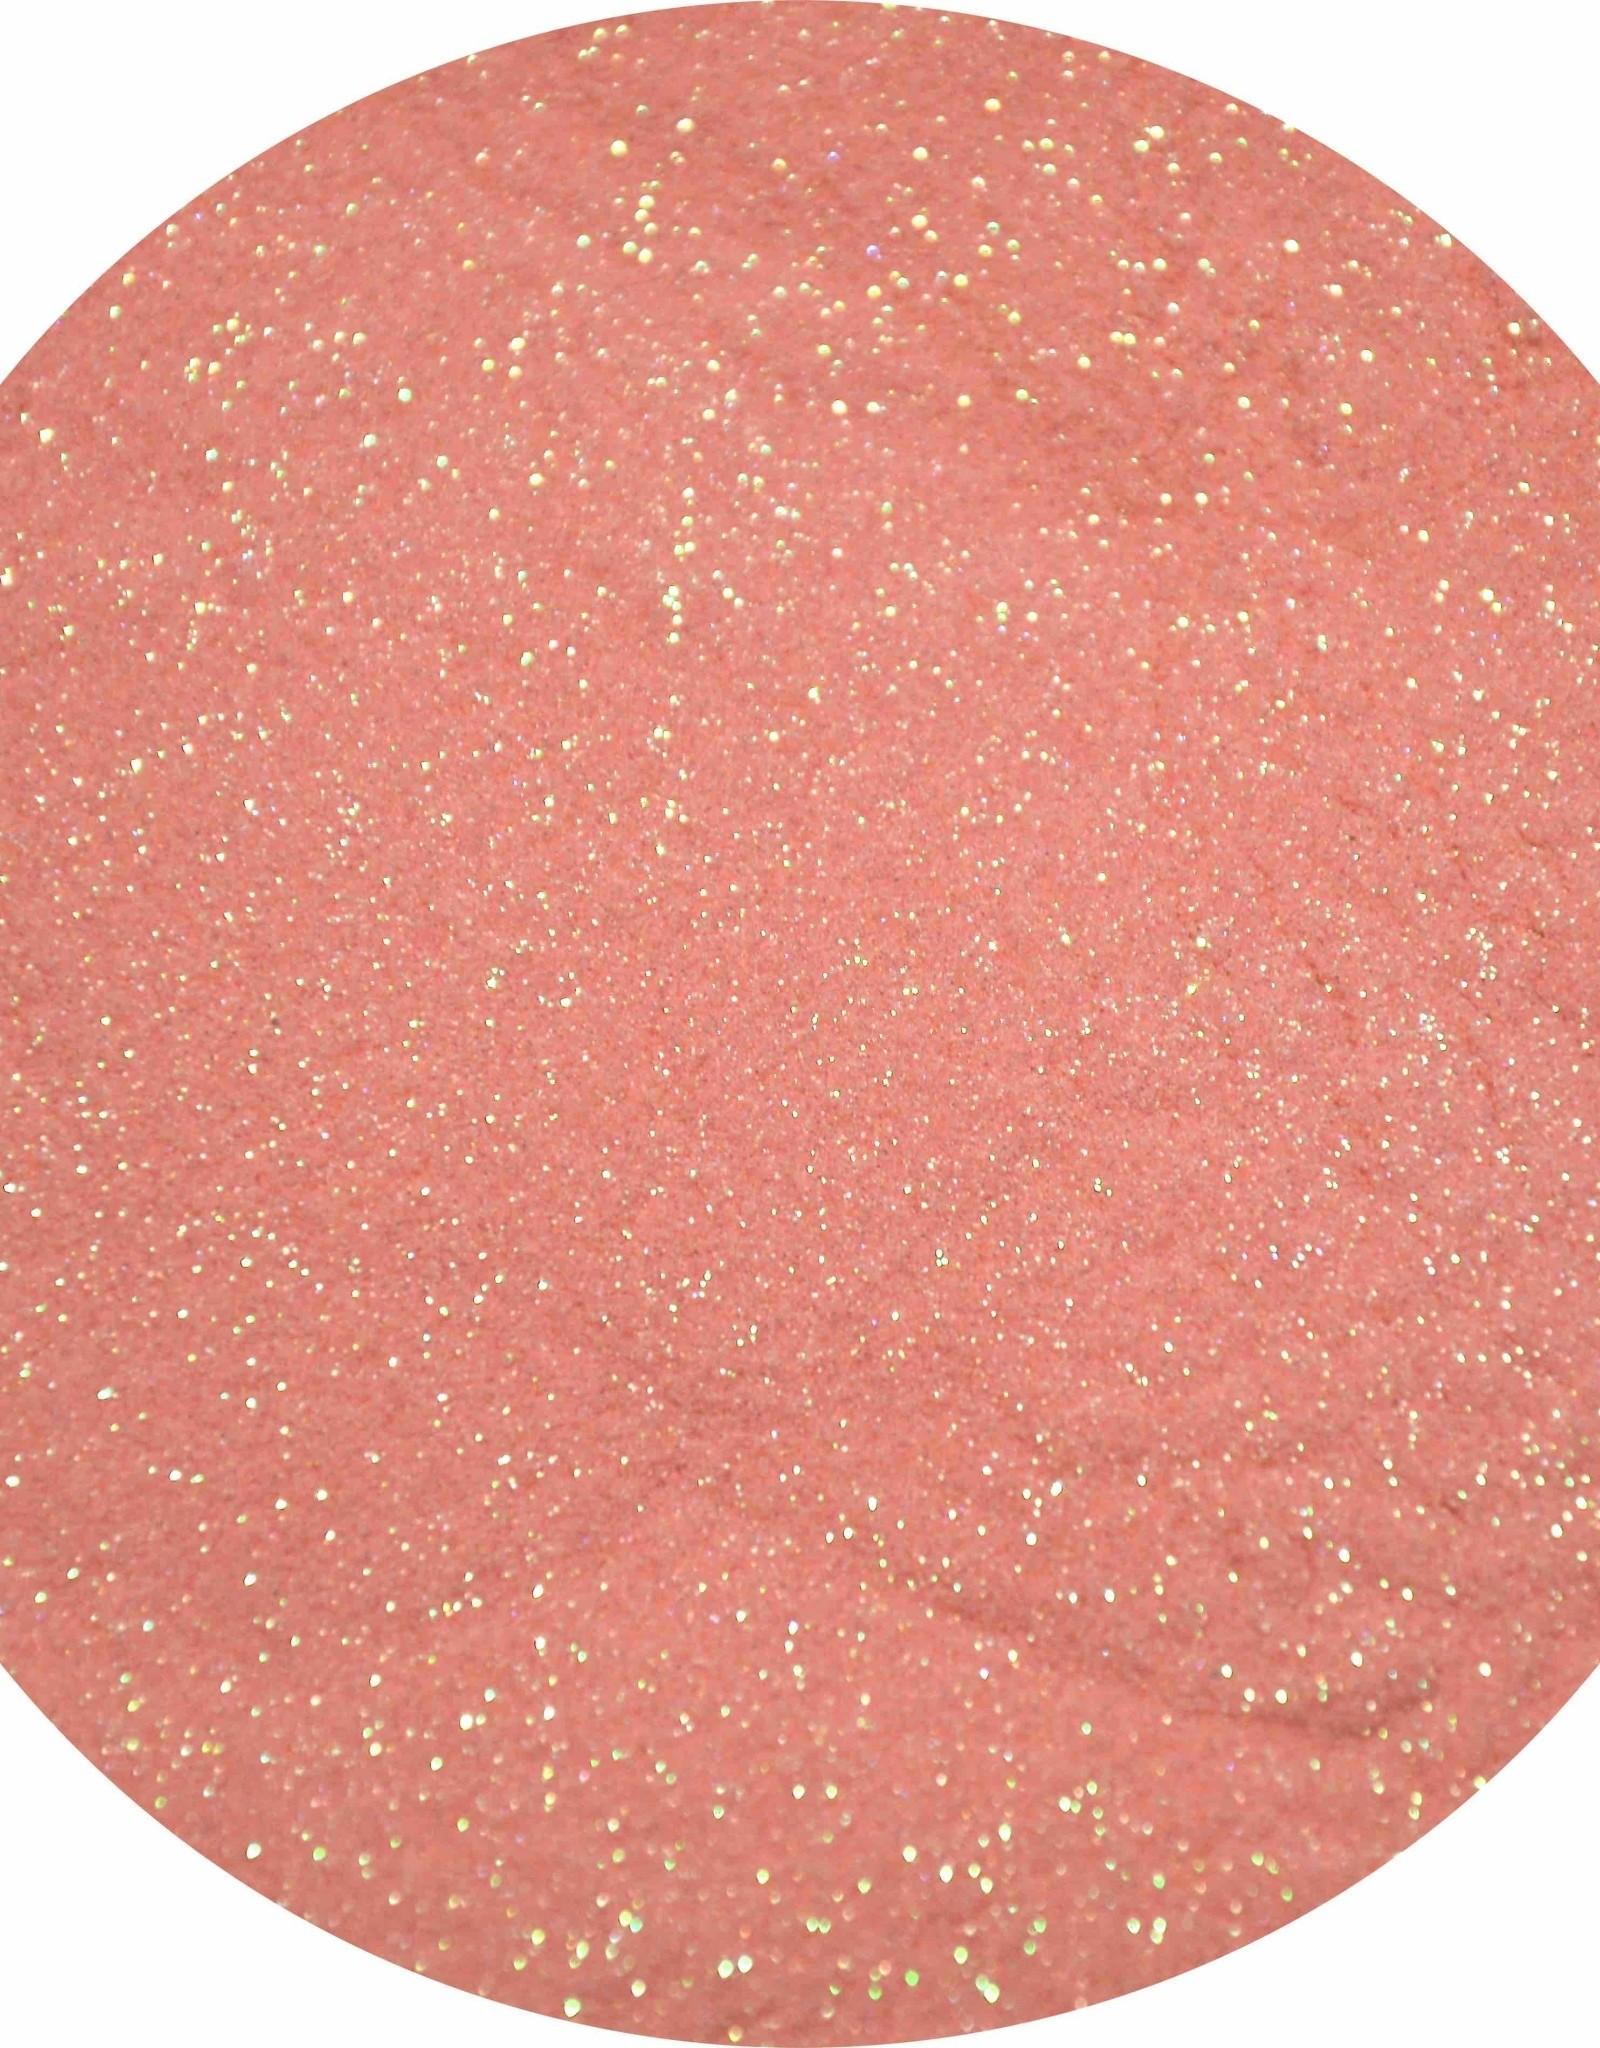 Urban Nails Glitter Dust 30